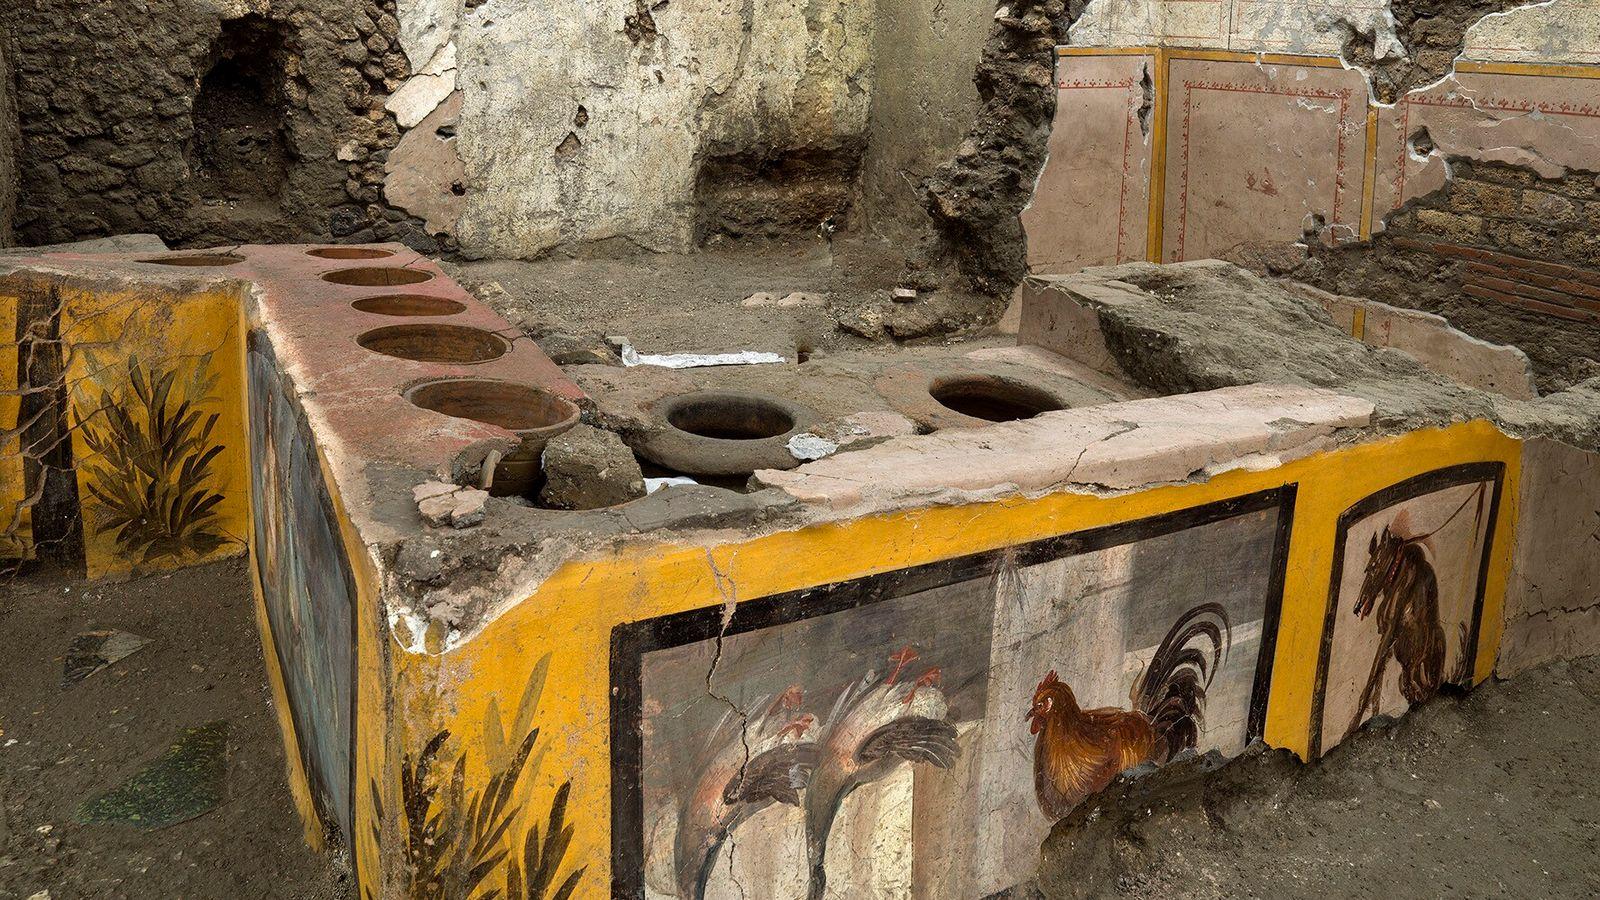 Le thermopolium vieux de 2 000 ans découvert à Pompéi